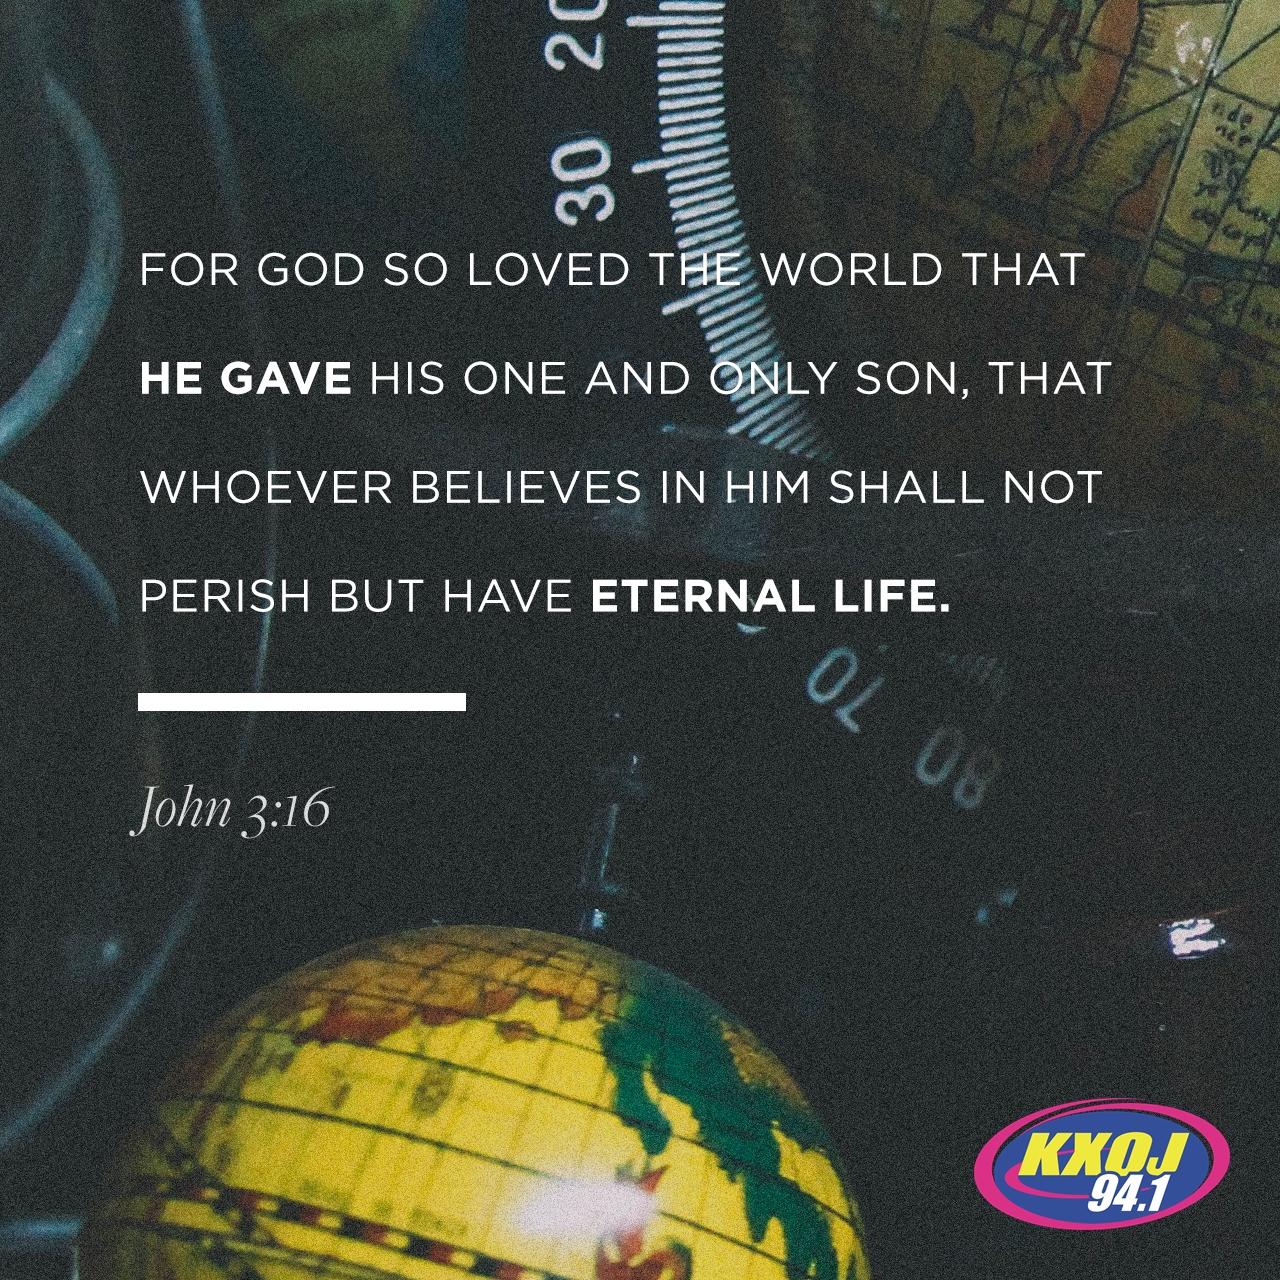 August 2nd - John 3:16